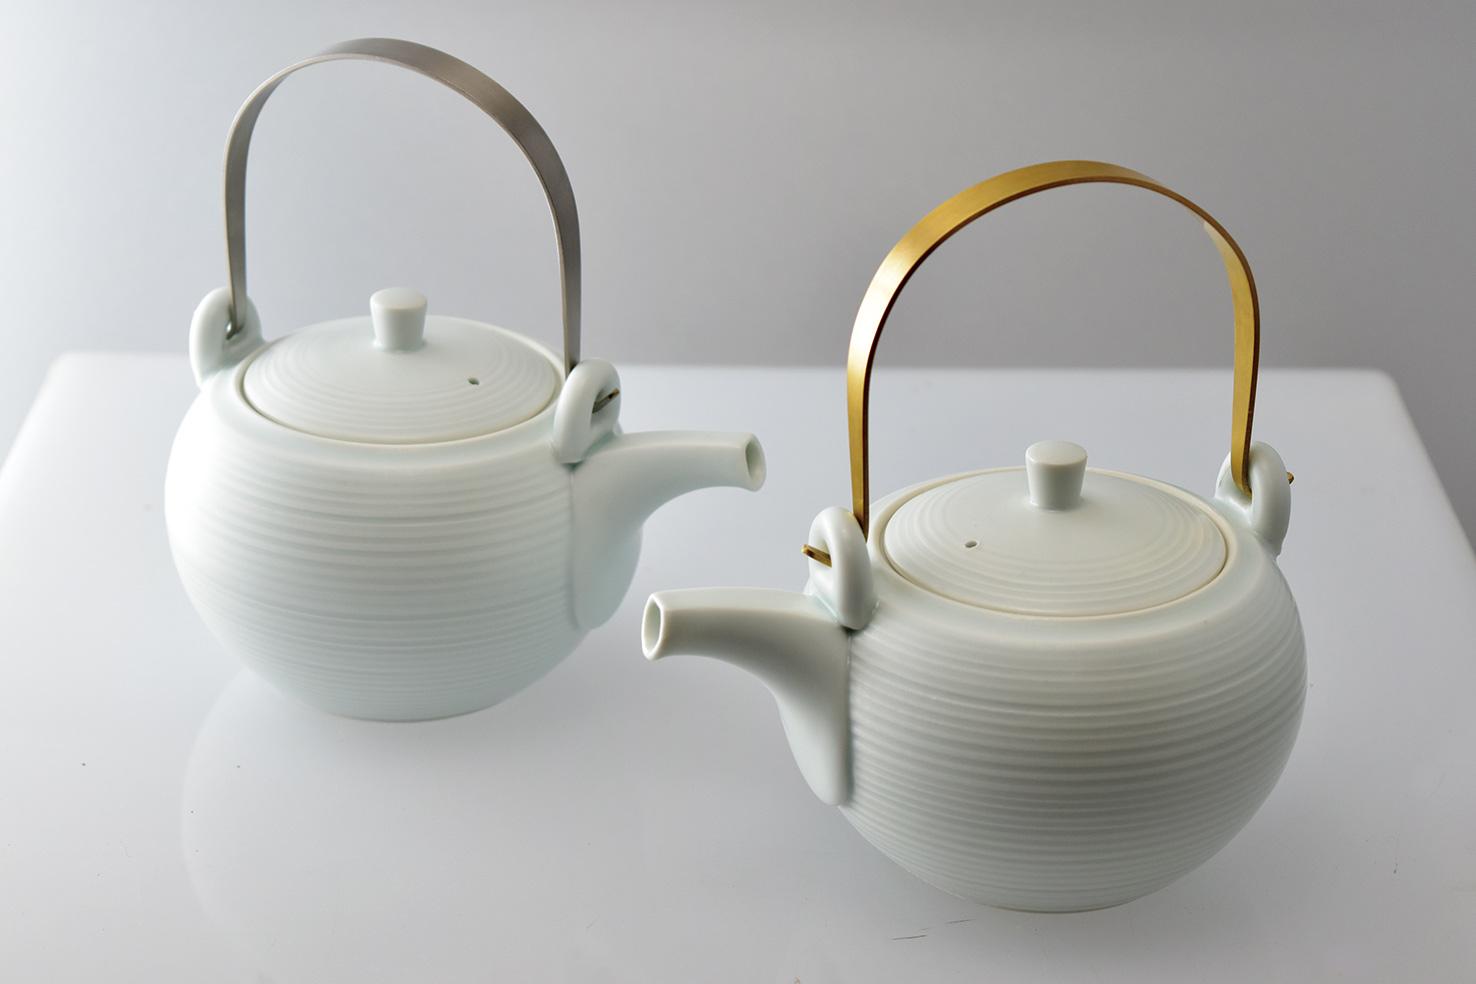 土瓶 急須(極みの茶器)千段 母の日 プレゼント 新茶 陶器 磁器 食器 茶器 メタルハンドル ステンレス